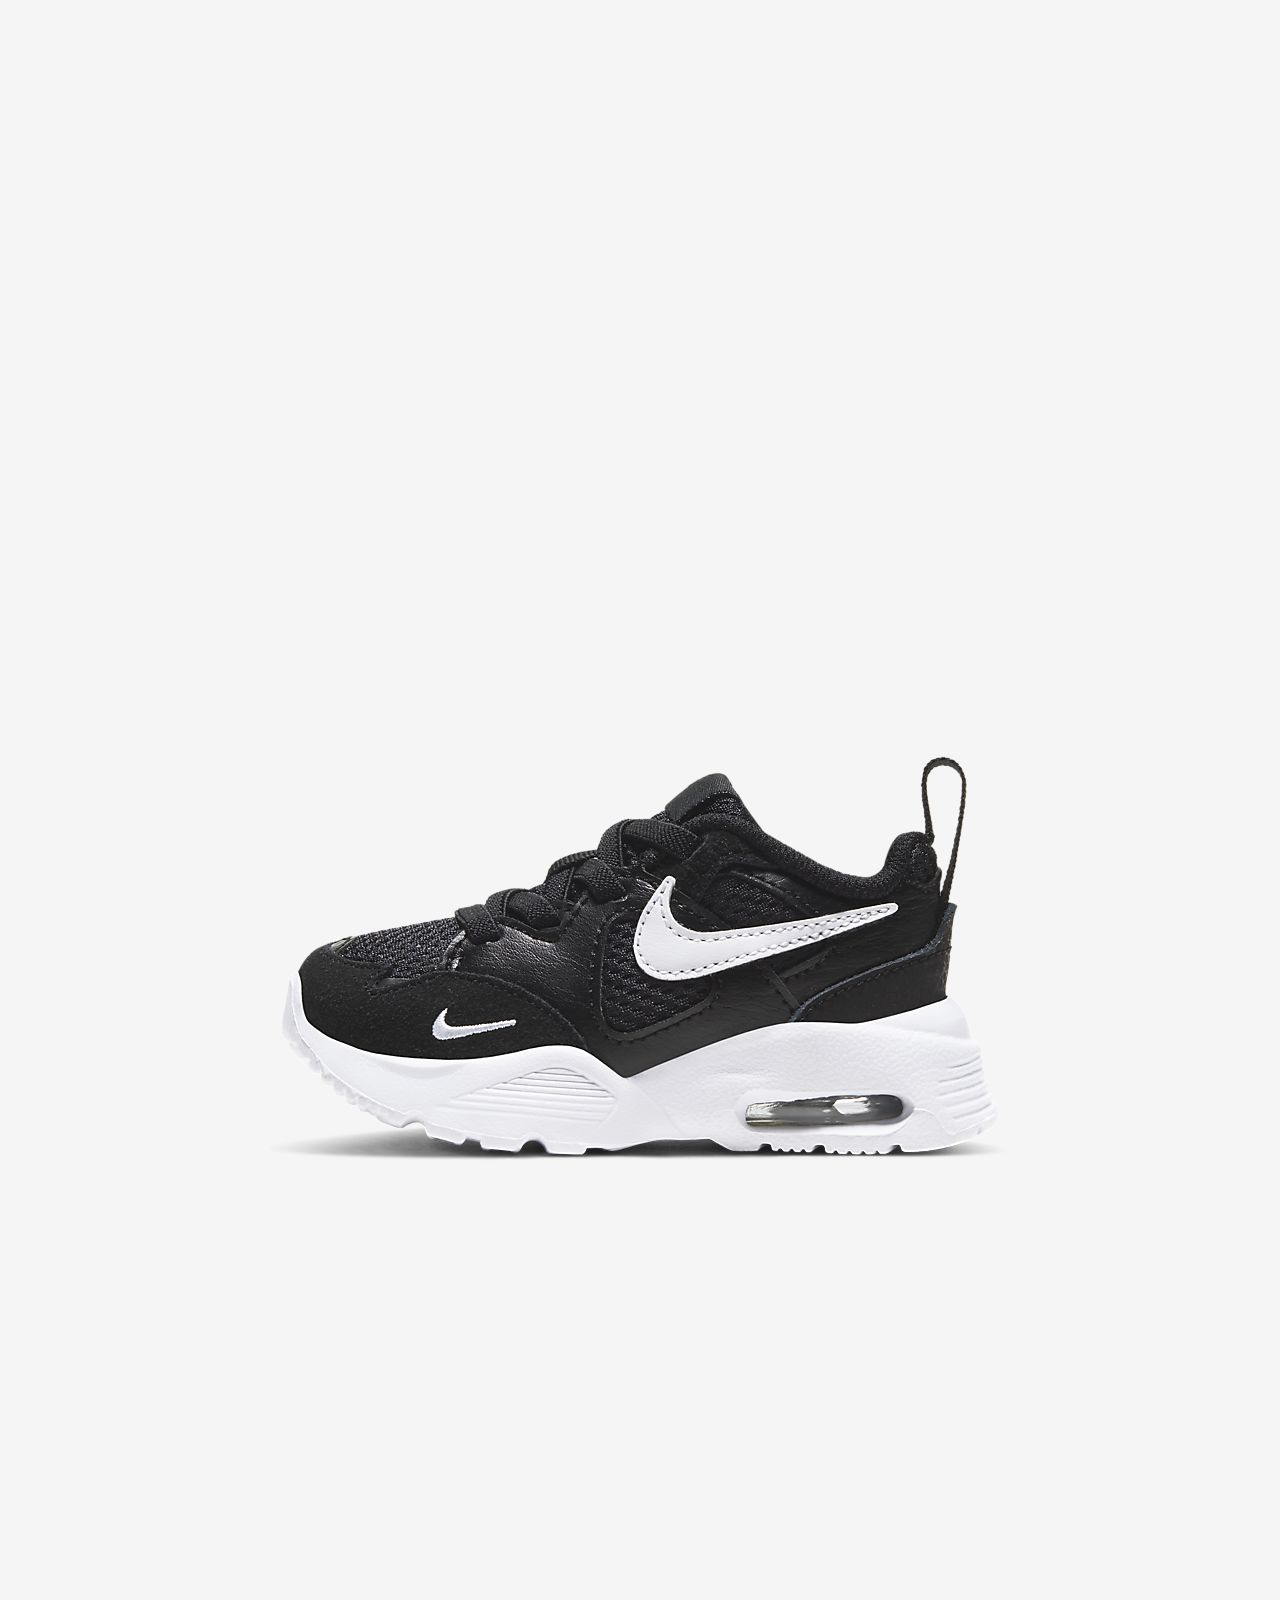 Køb Nike Air Max 90 Print Læder | Nike Pige Børn Sko Sort